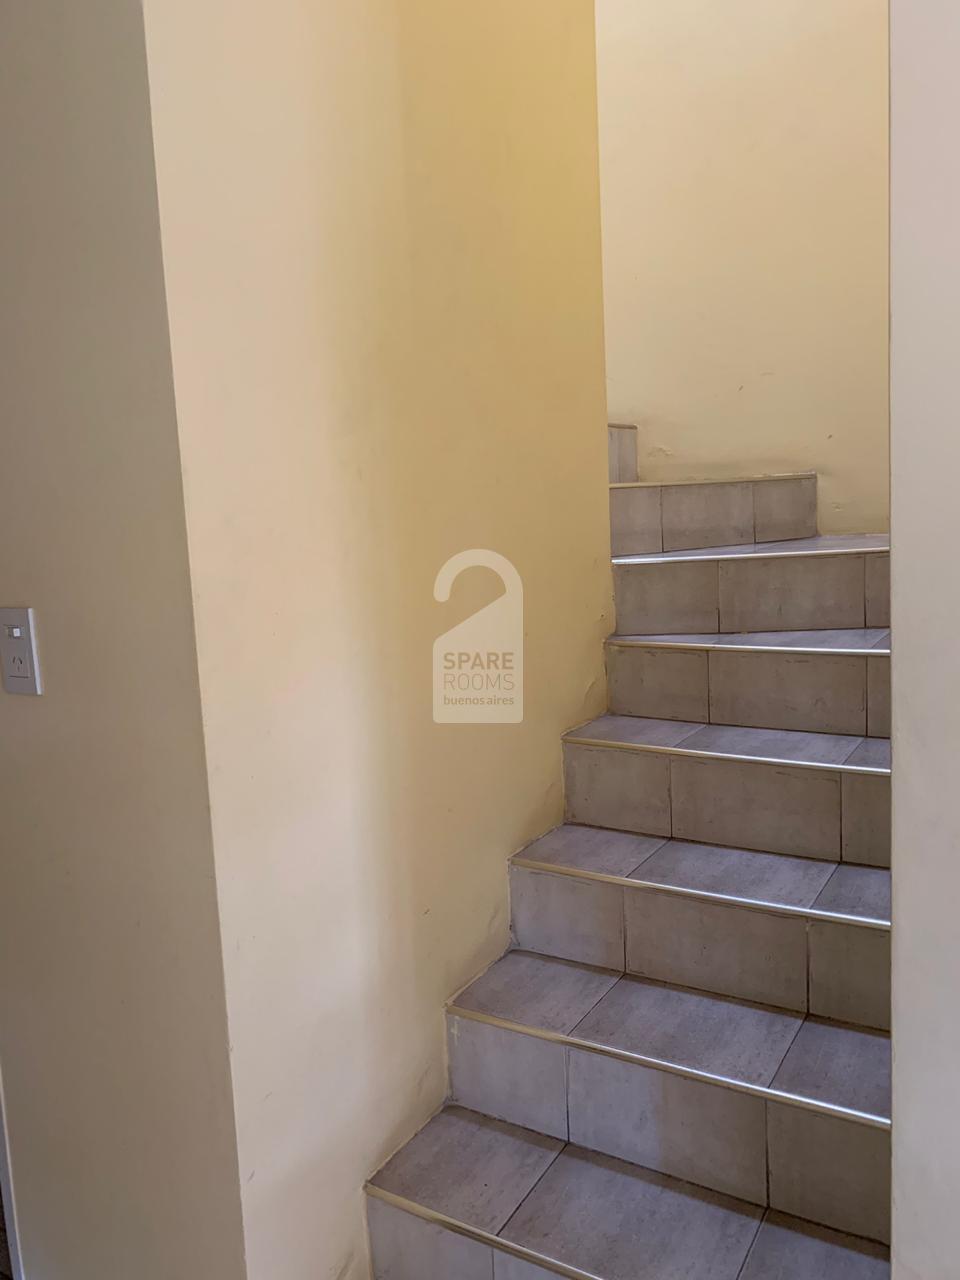 Escalera a habitacion y Baño compartido